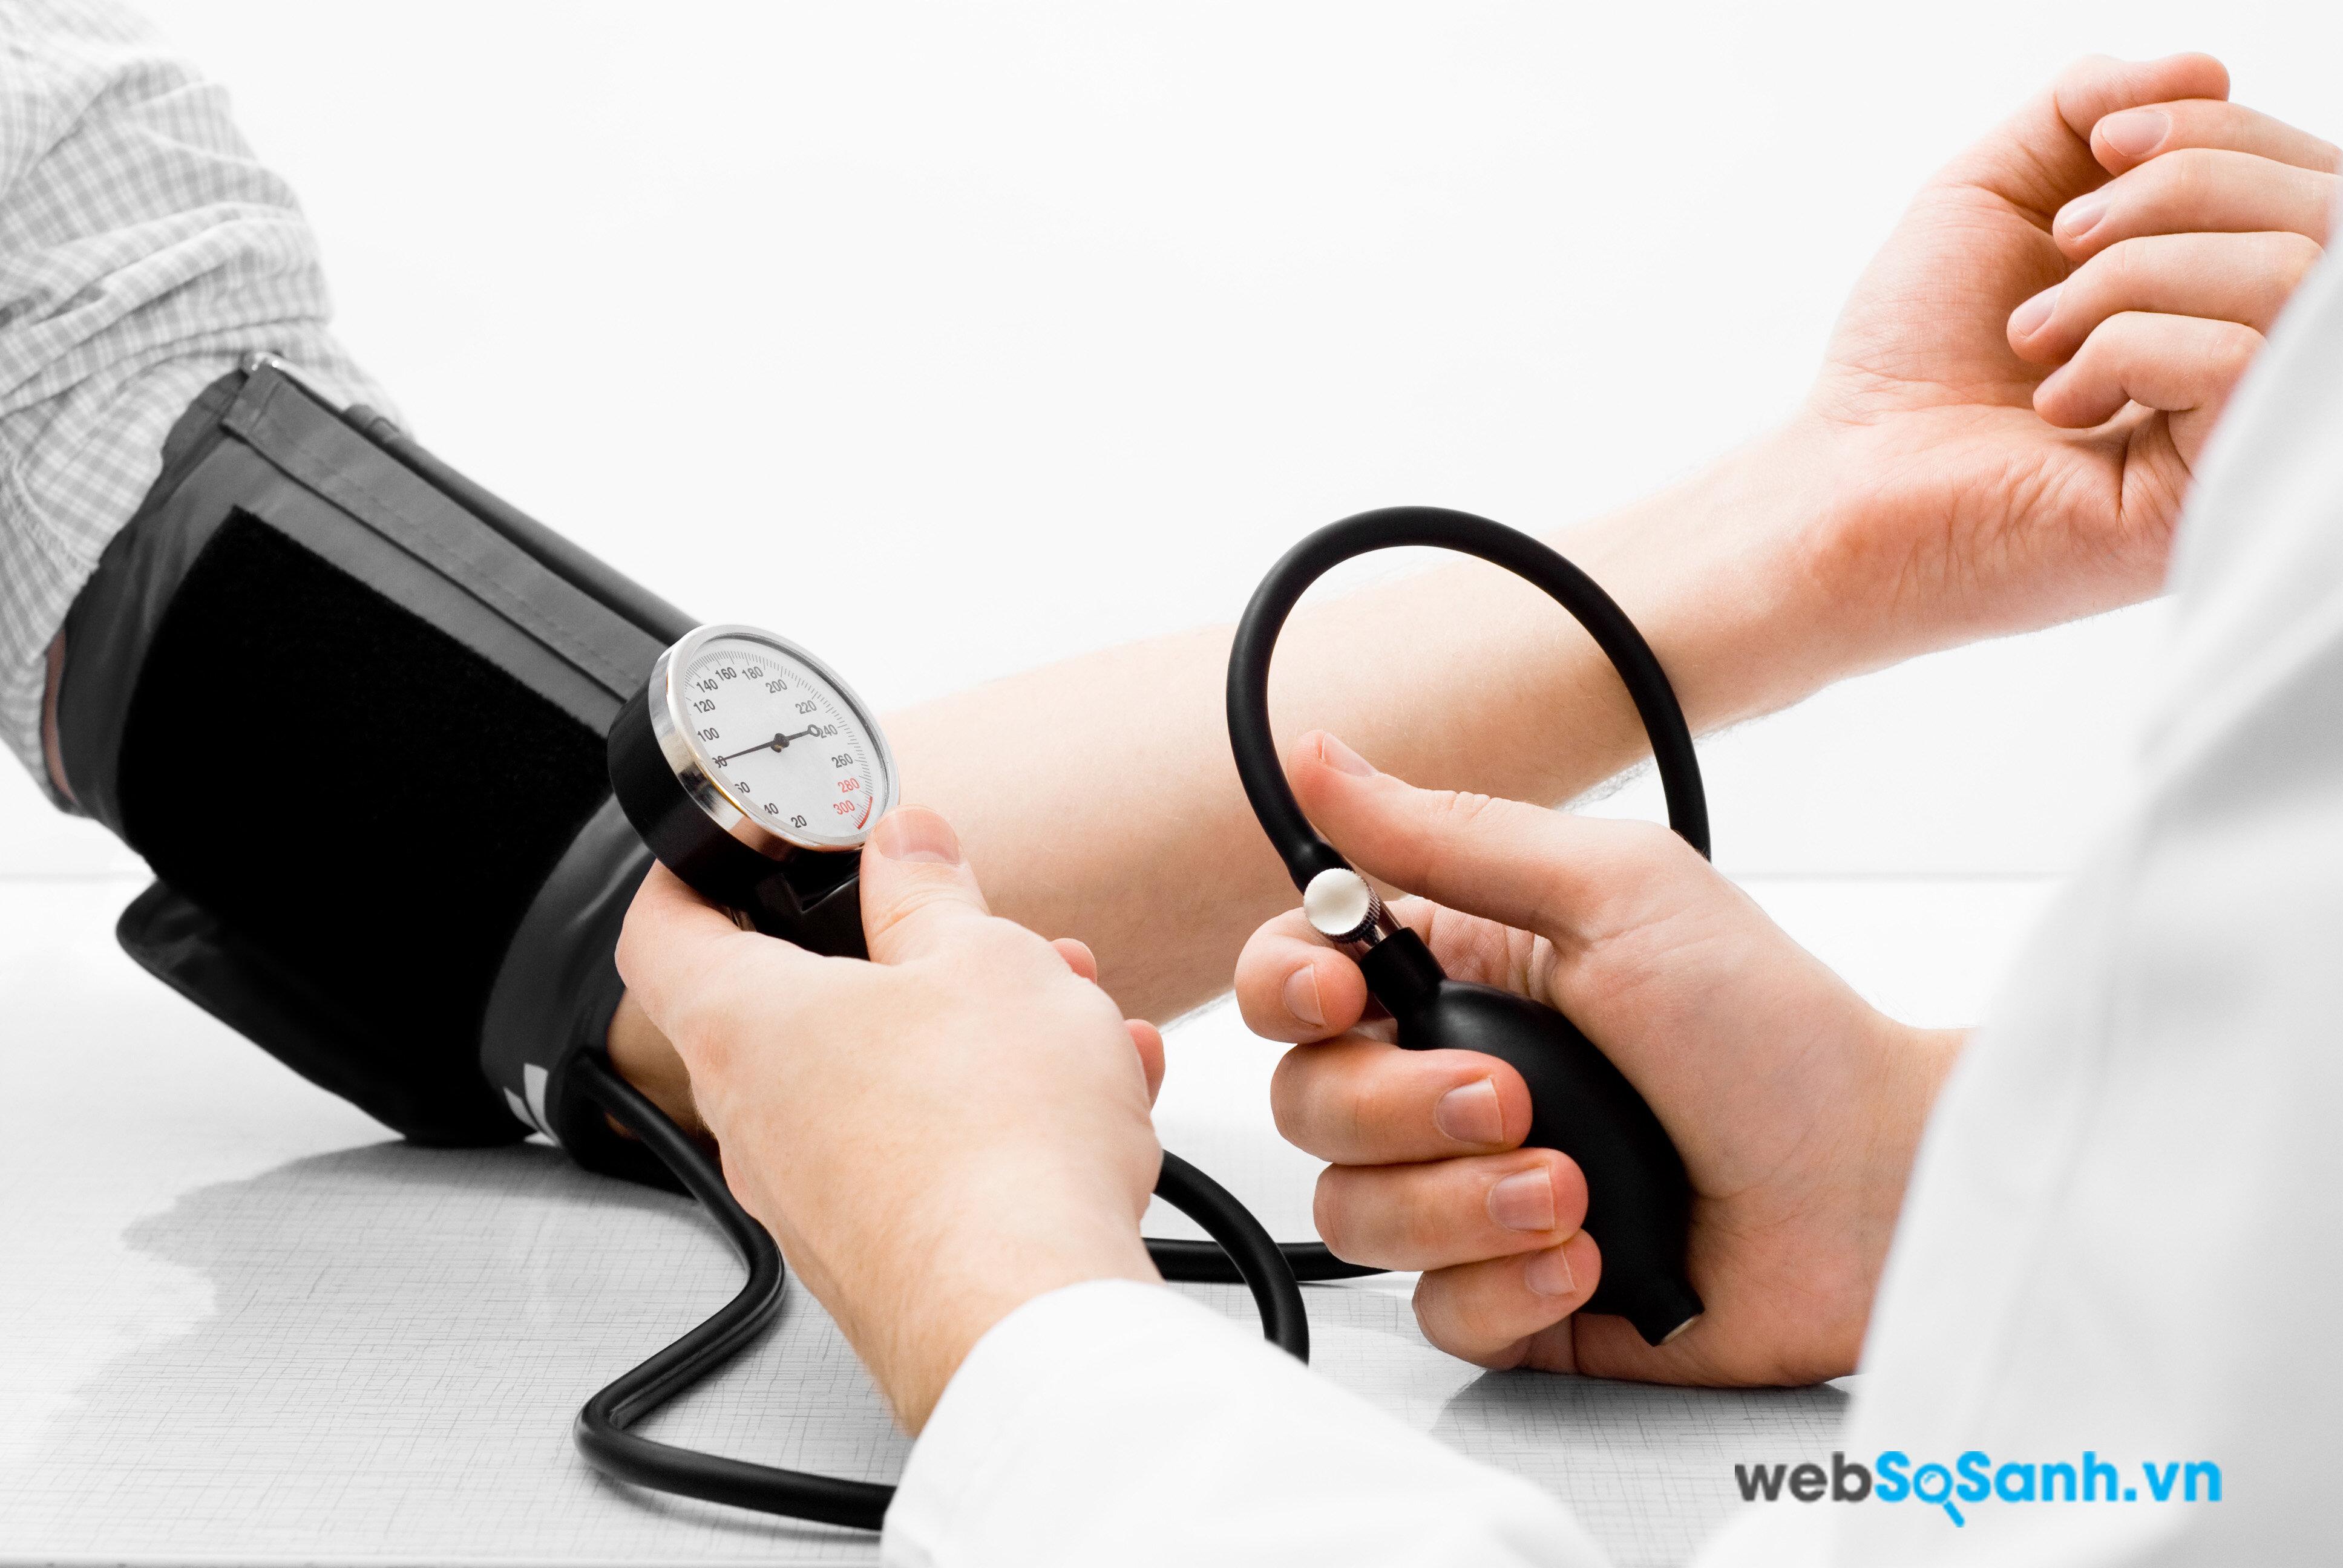 Huyết áp như thế nào là bình thường?